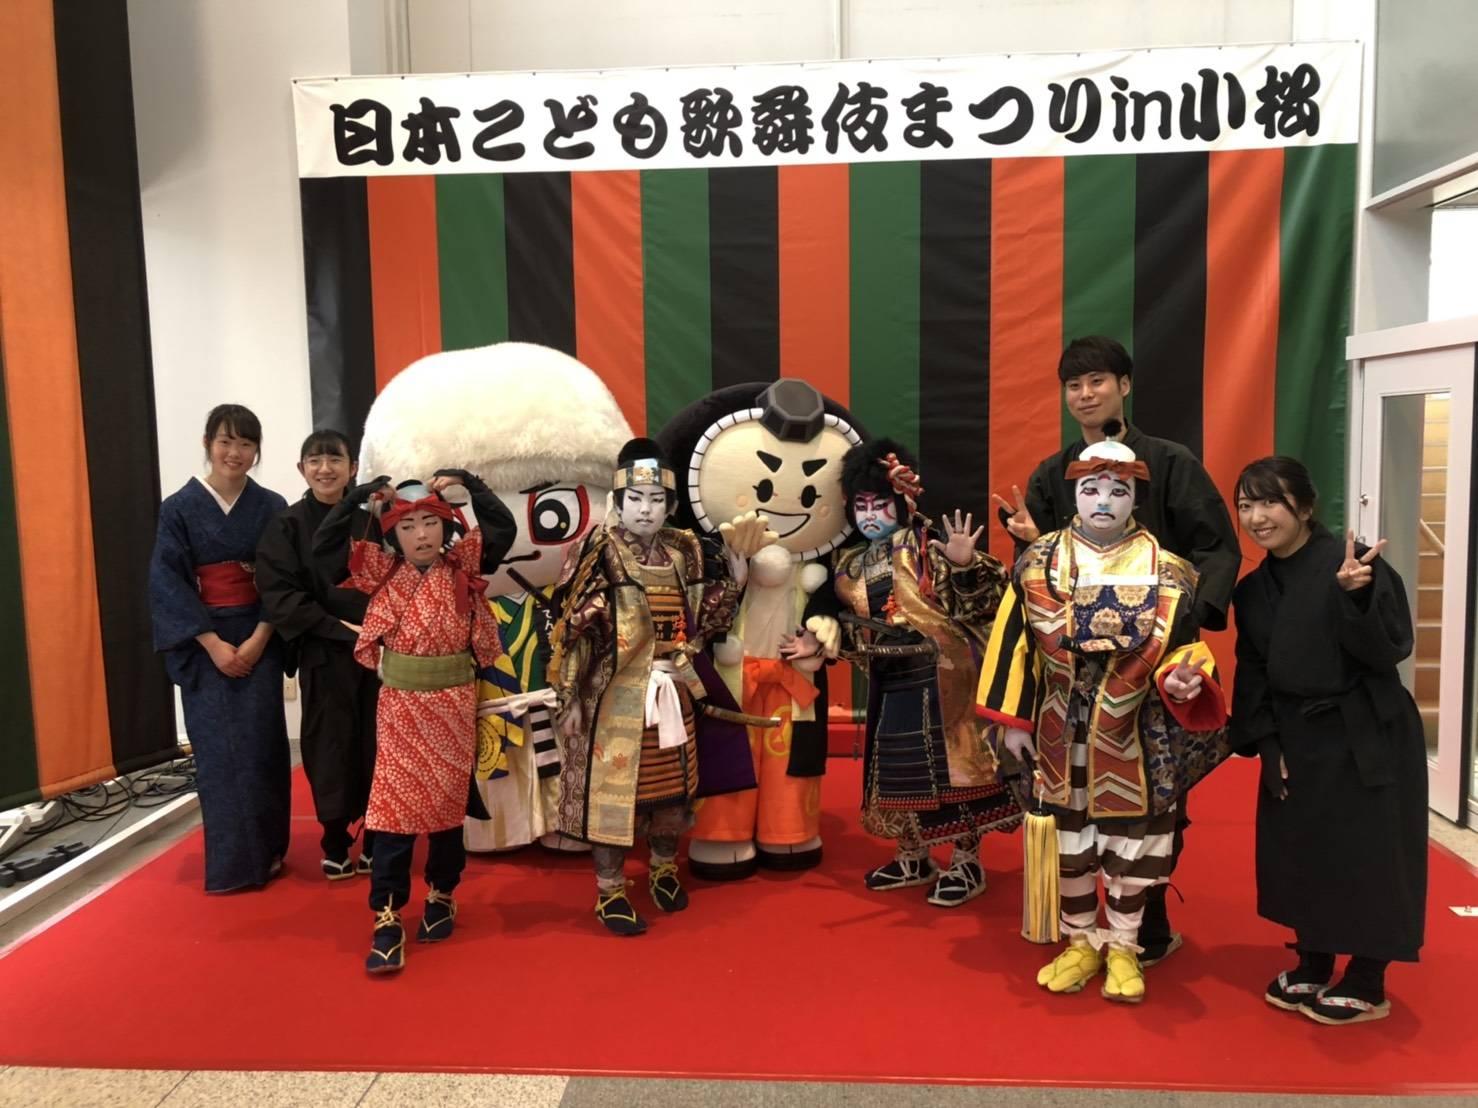 日本こども歌舞伎まつり 小鹿野 小松 小鹿野子ども歌舞伎